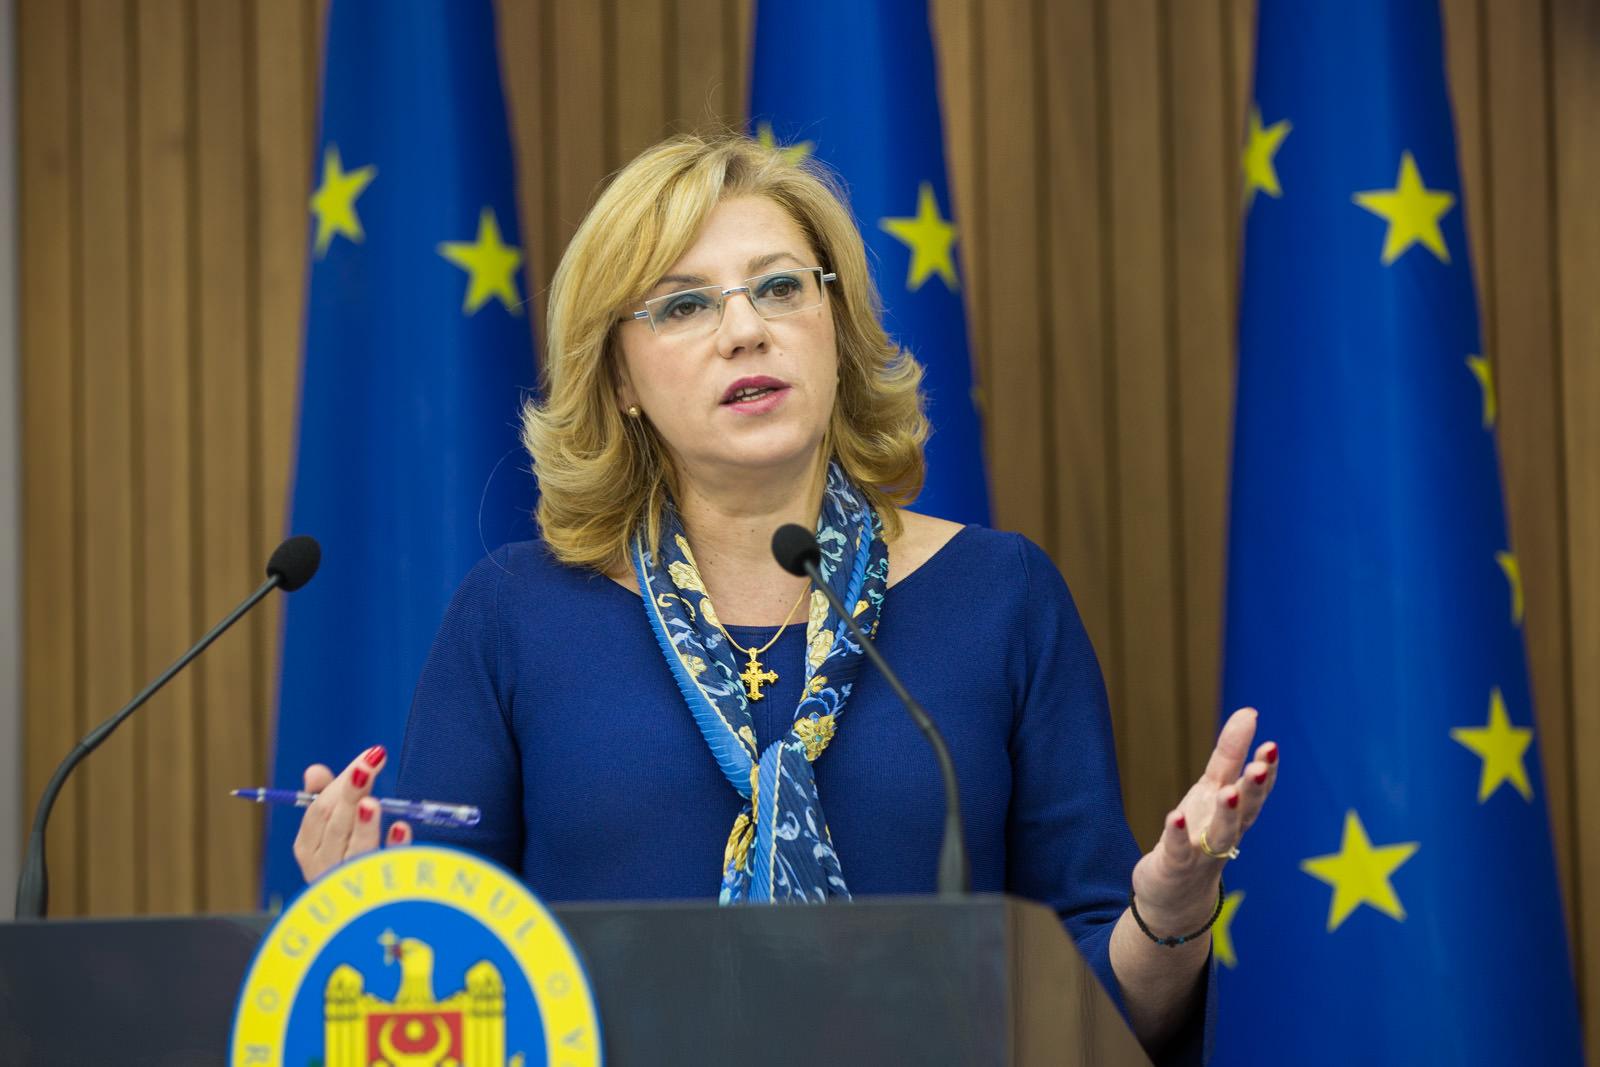 Румынский депутат Европарламента: Место Республики Молдова наряду  с Румынией в Европейском Союзе